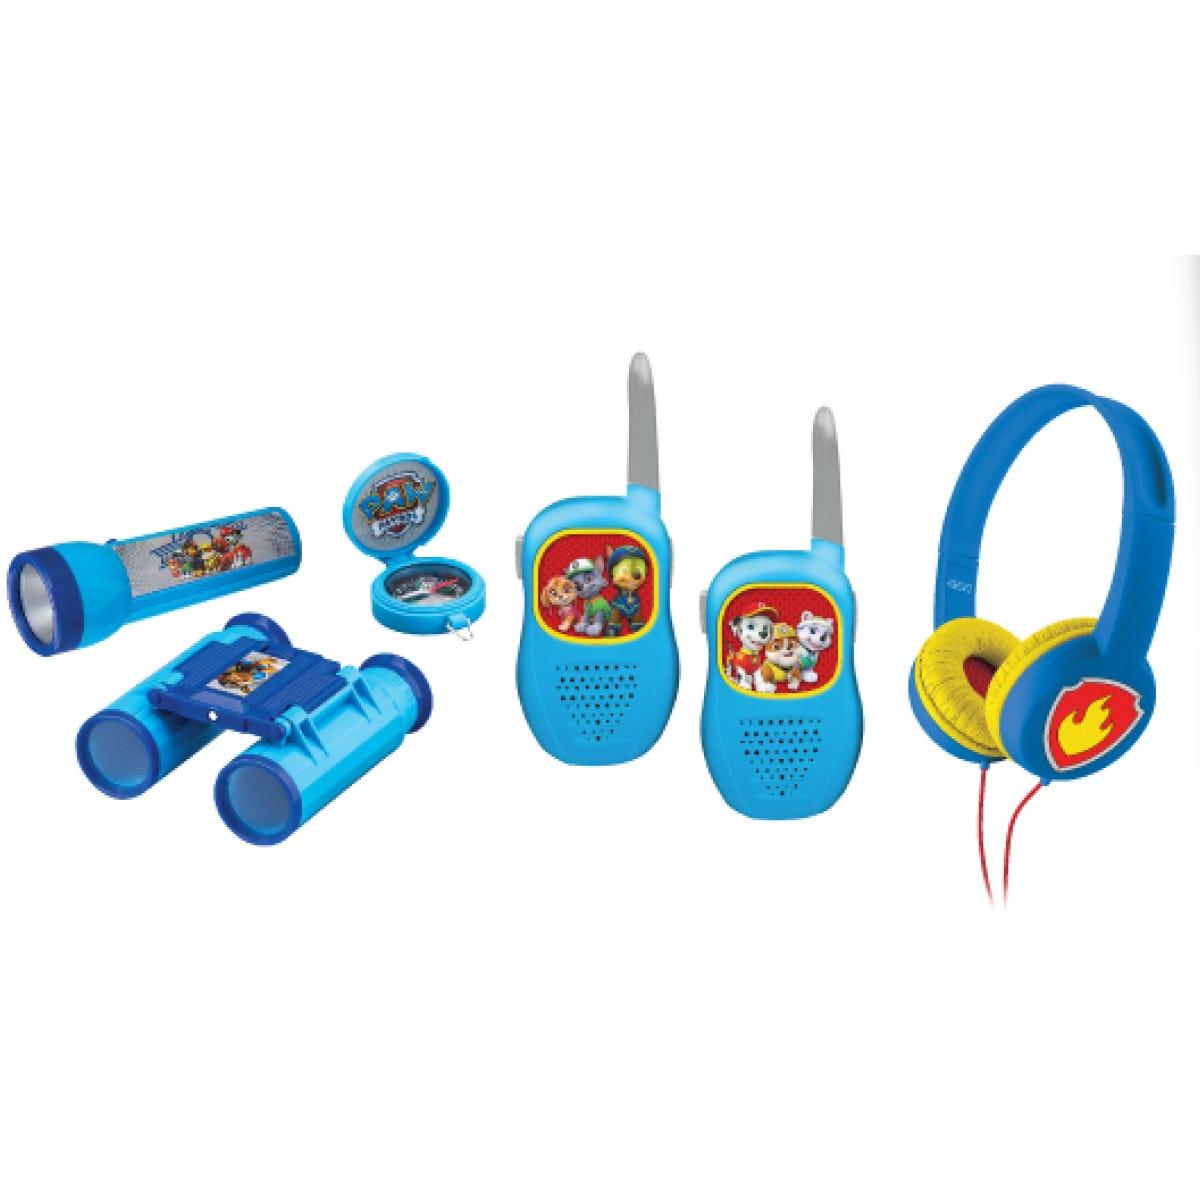 eKids Paw Patrol Survival Kit Bundle Gift Set